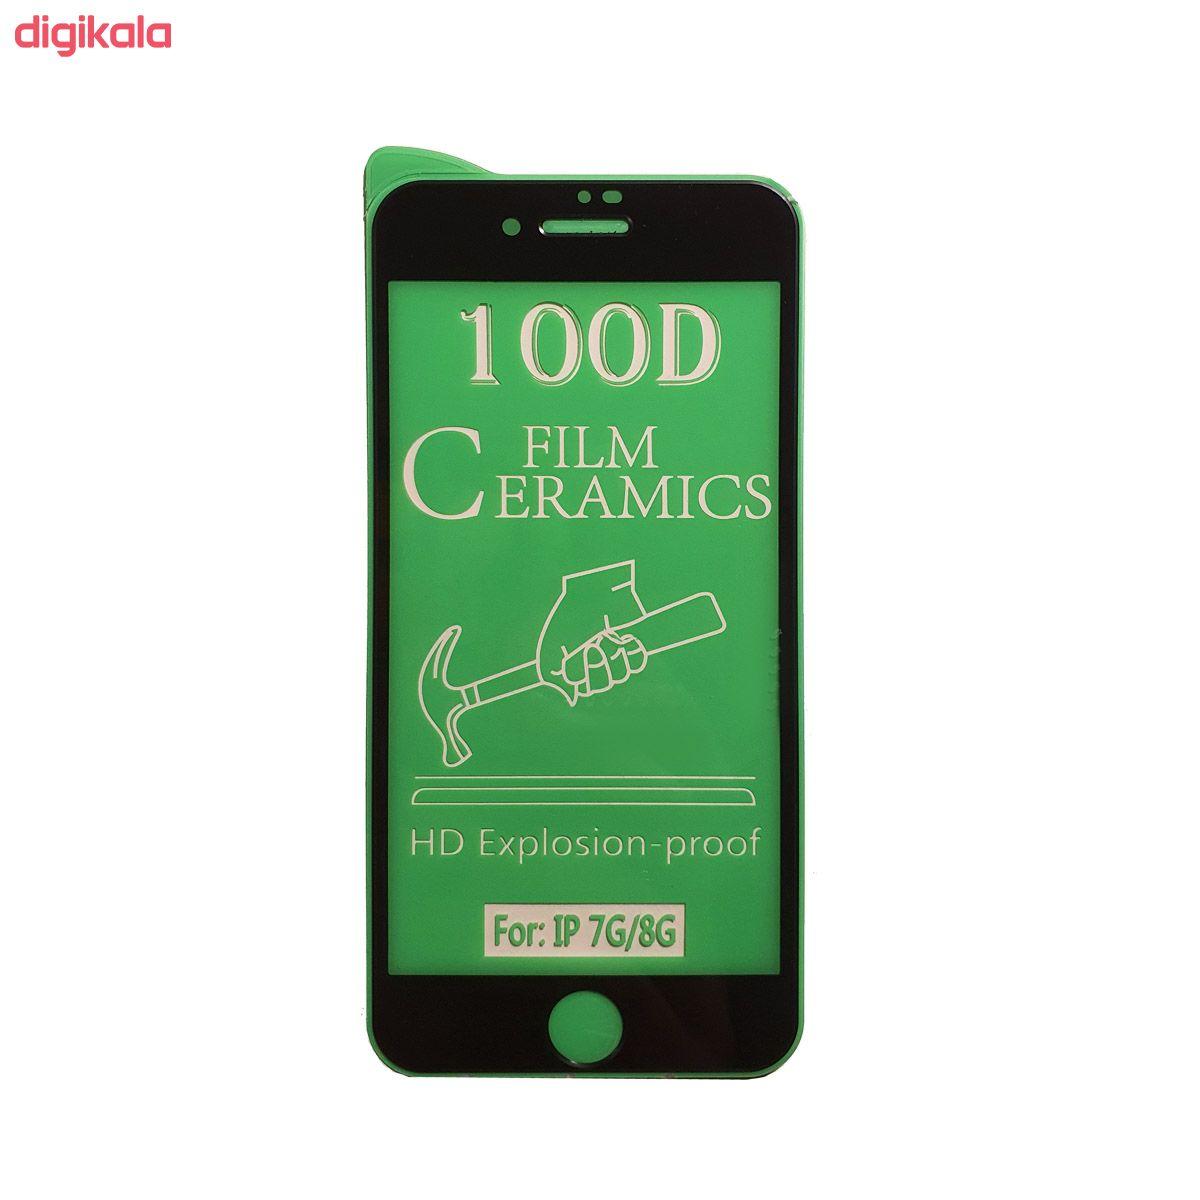 محافظ صفحه نمایش سرامیکی مدل FLCRG01to مناسب برای گوشی موبایل اپل iPhone 7  main 1 2